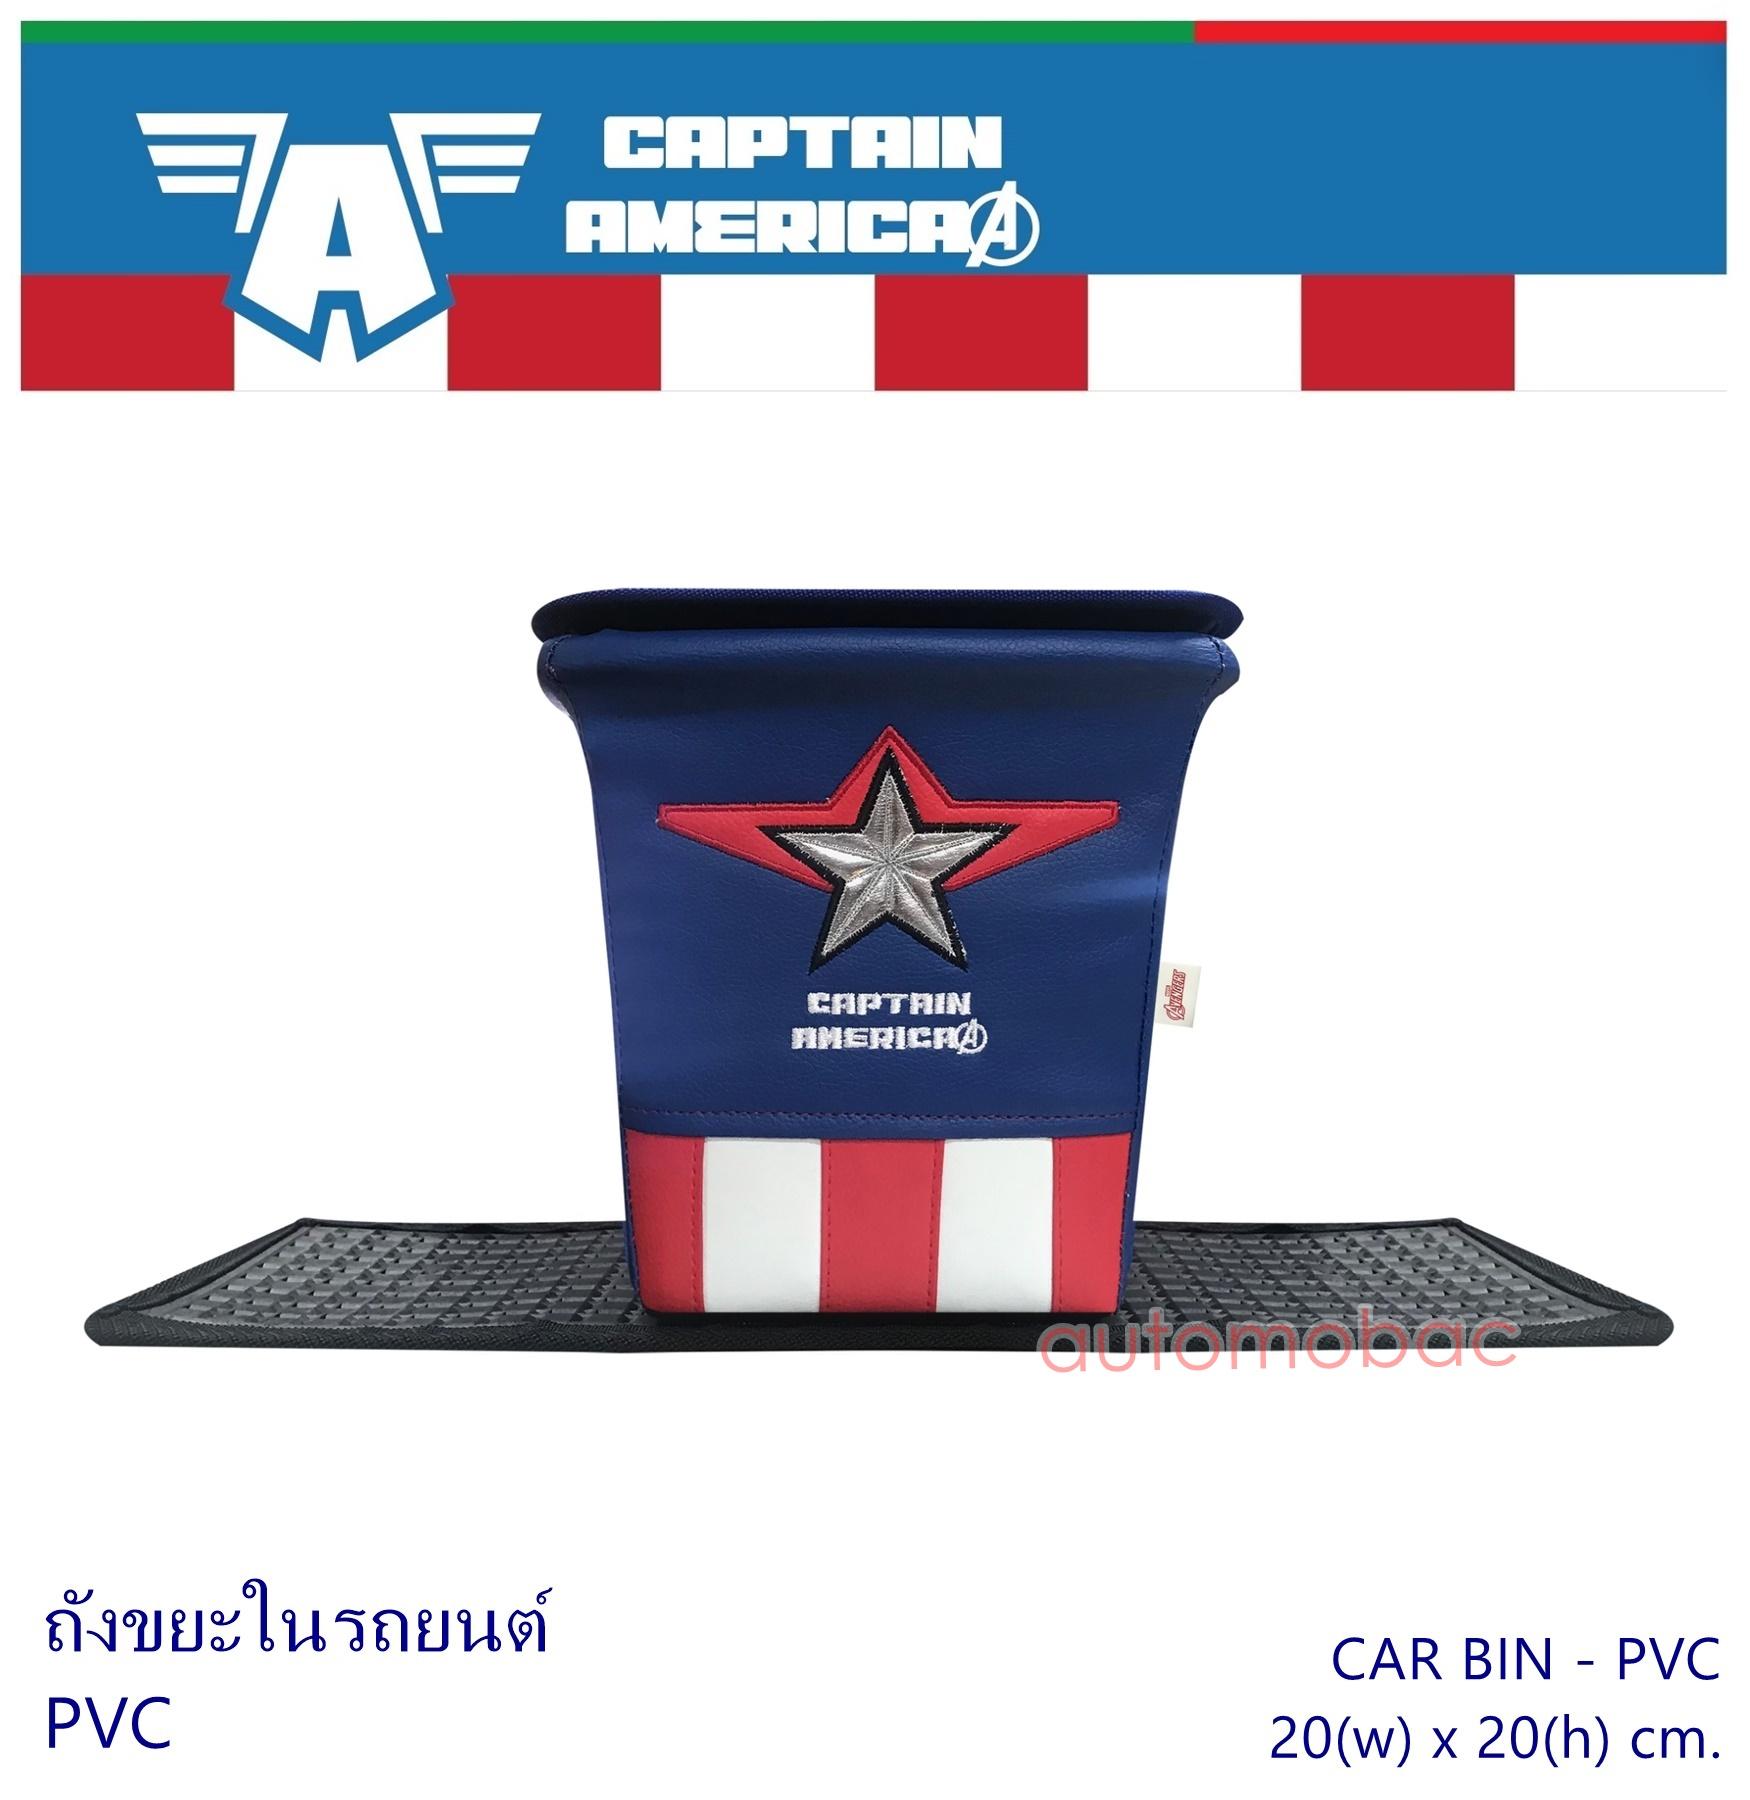 CAPTAIN AMERICA ถังขยะในรถ PVC ด้านนอกผลิตจาก PVC เกรด A มีแผ่นยางพลาสติก กันลื่น ทำความสะอาดง่าย